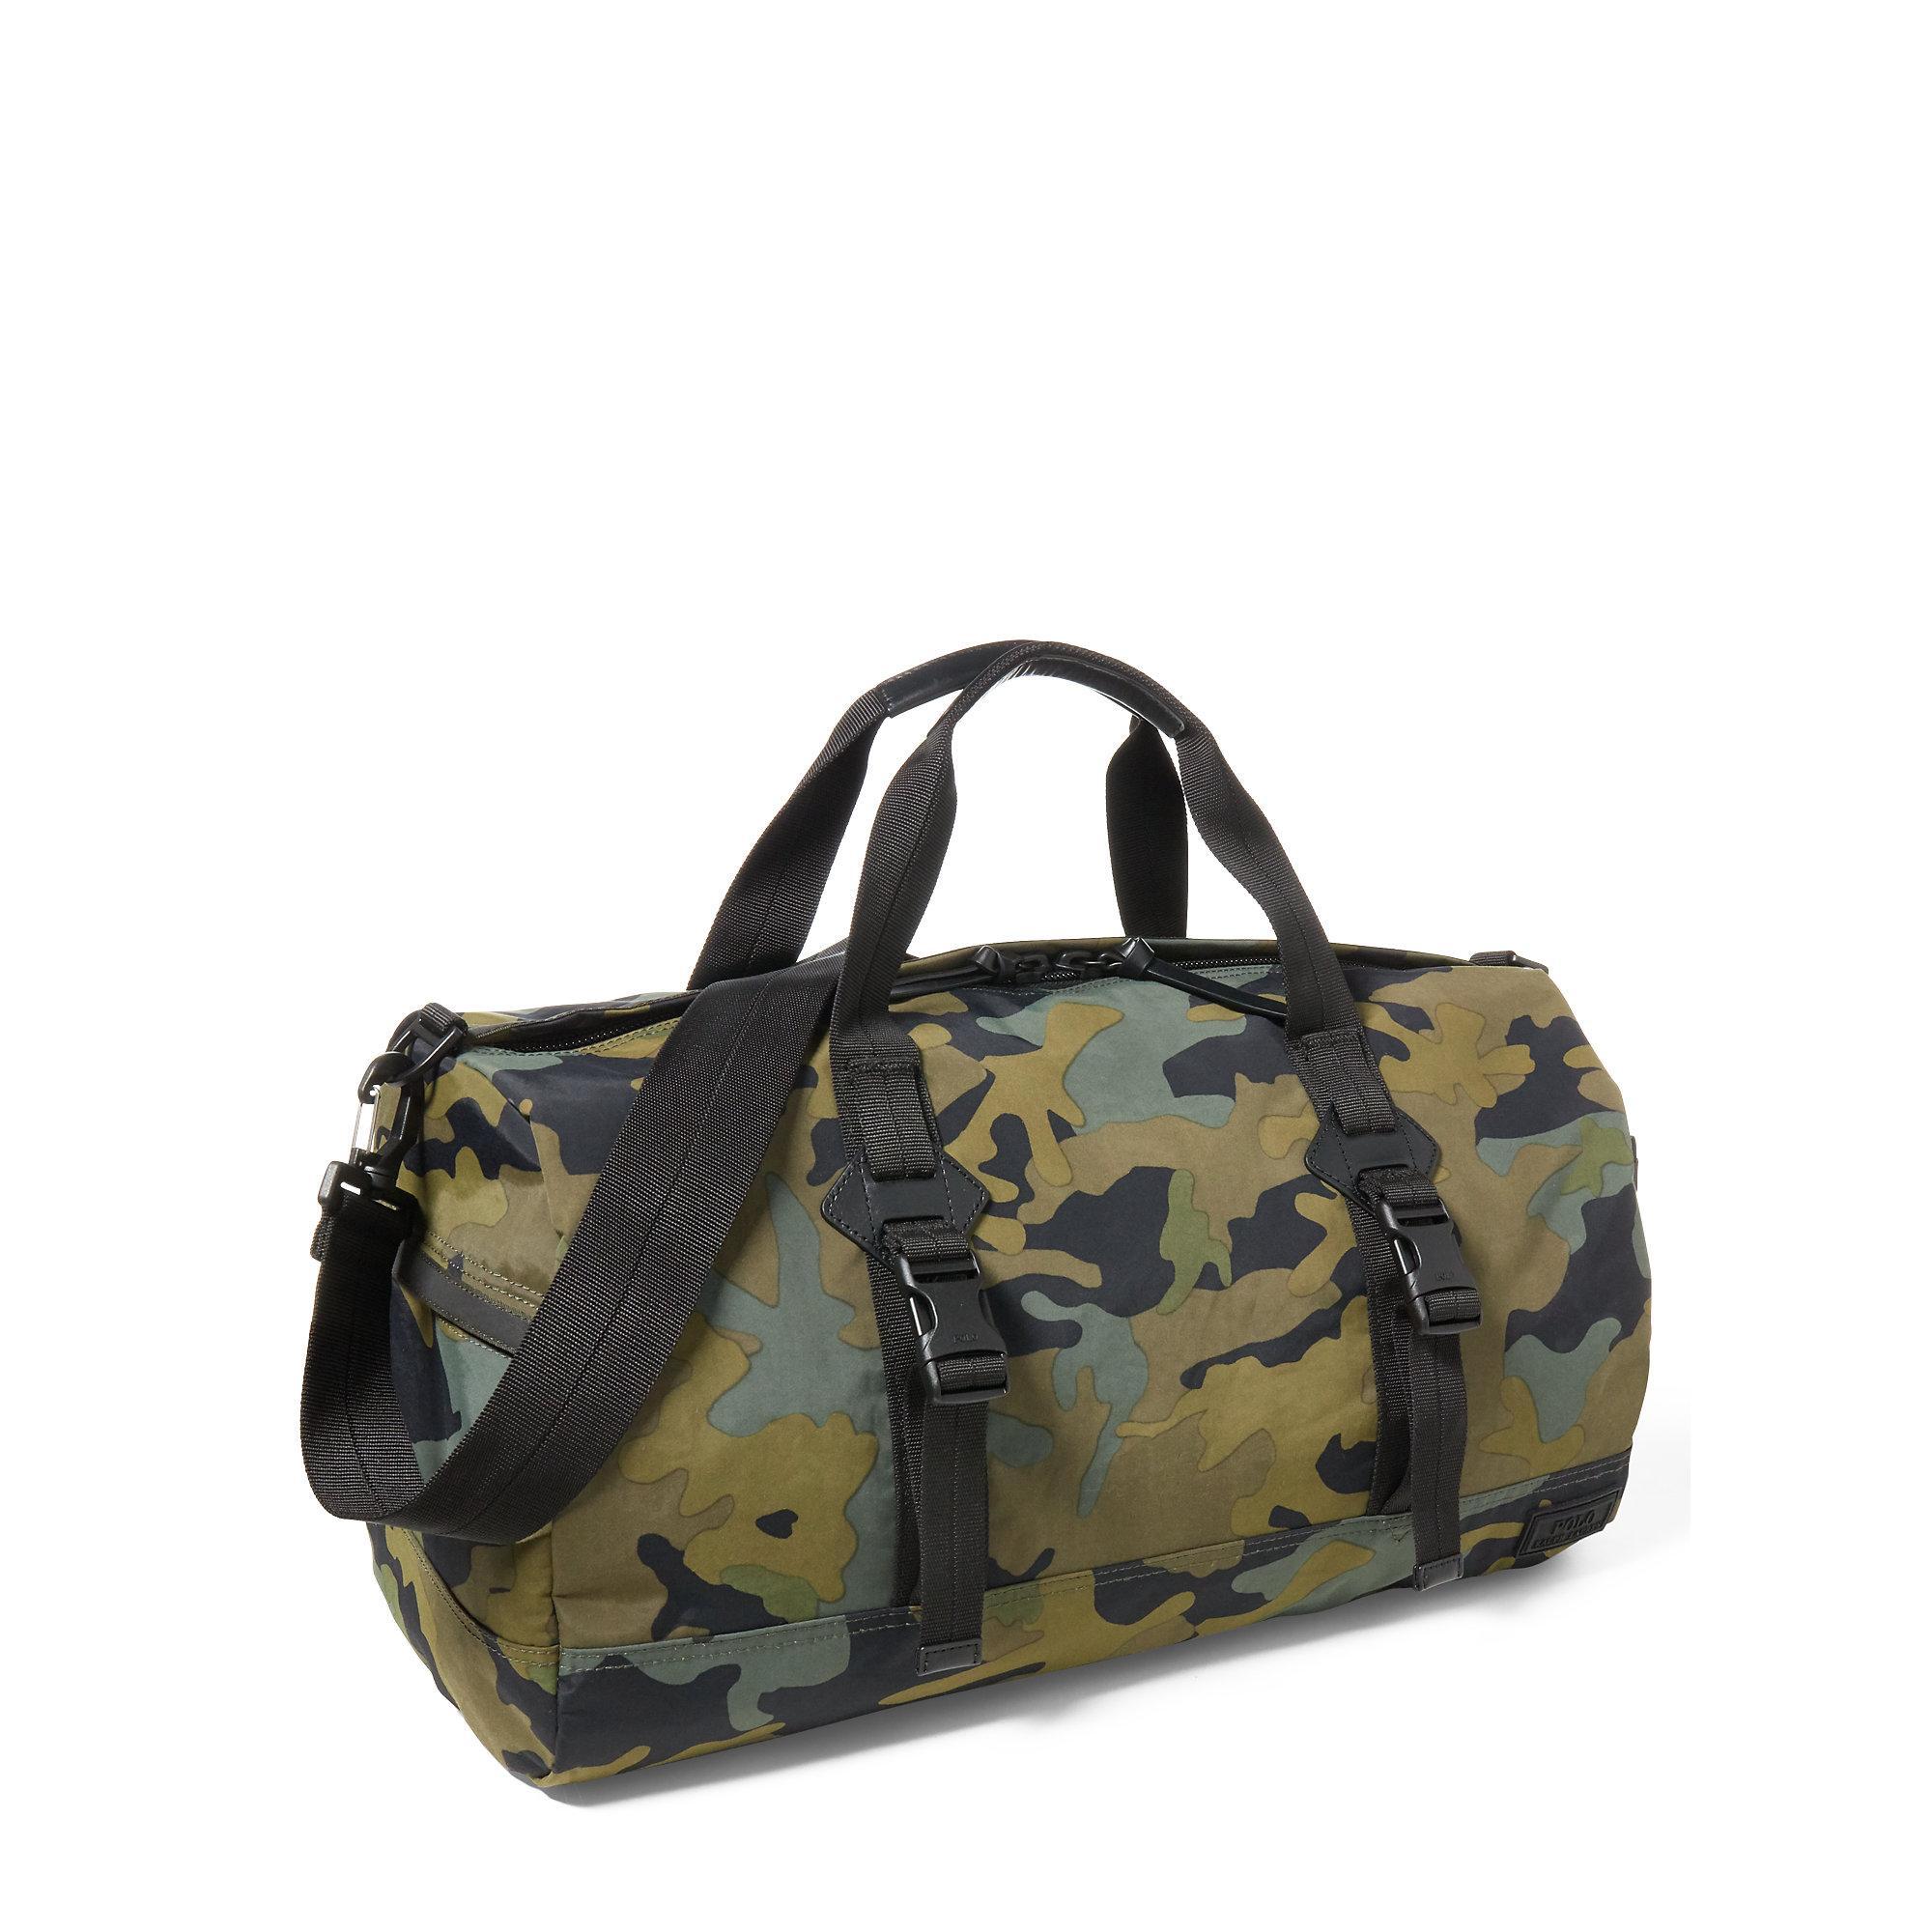 ... switzerland lyst polo ralph lauren nylon city explorer duffel bag for  men 45efe d8484 6b215fcc33